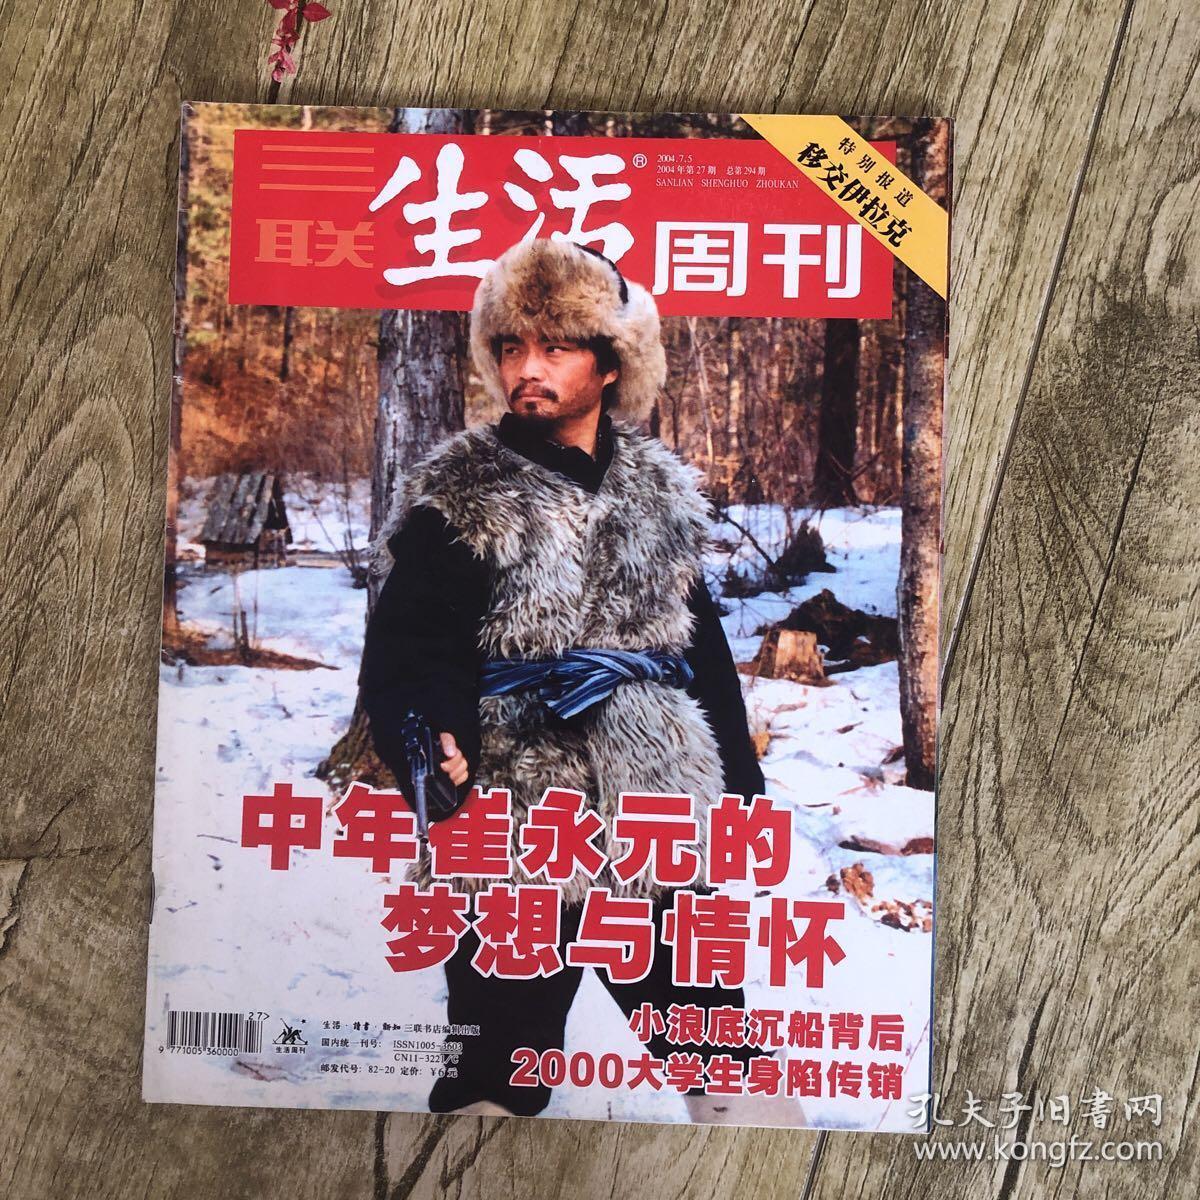 三联生活周刊 2004.7.5 2004年第27期 总第294期 中年崔永元的梦想与情怀